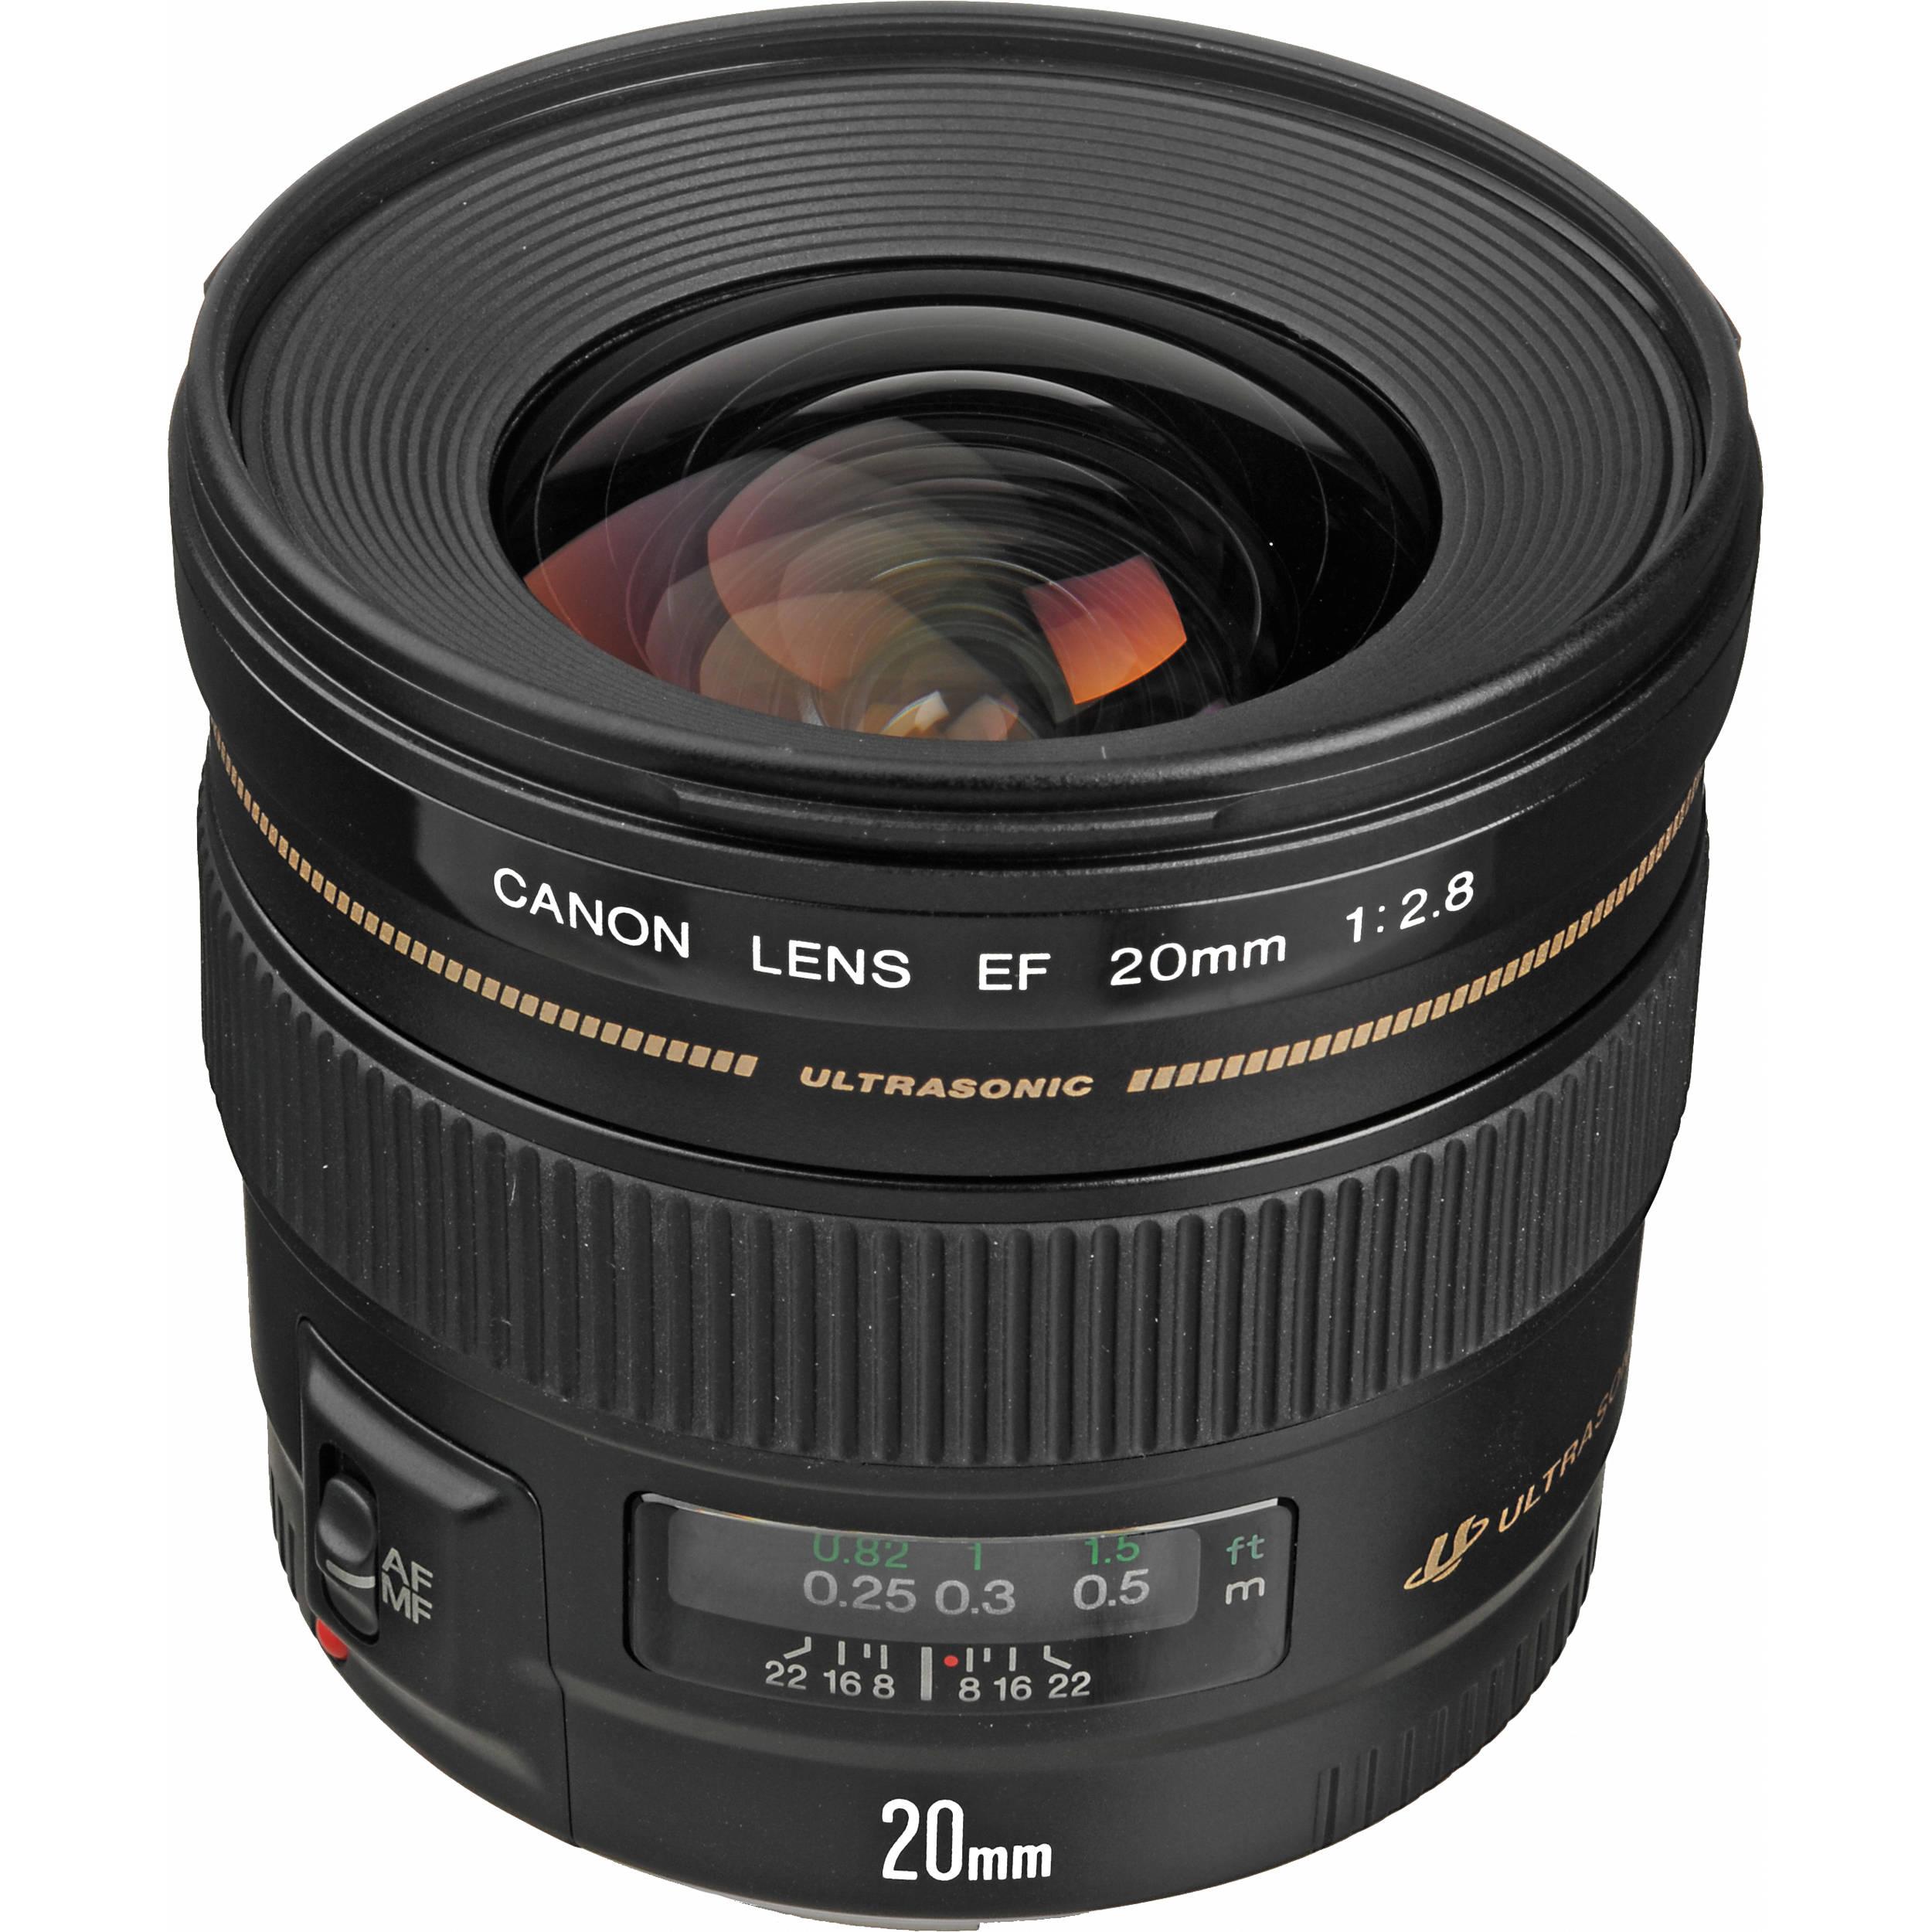 canon ef 20mm f 2 8 usm lens 2509a003 b h photo video. Black Bedroom Furniture Sets. Home Design Ideas